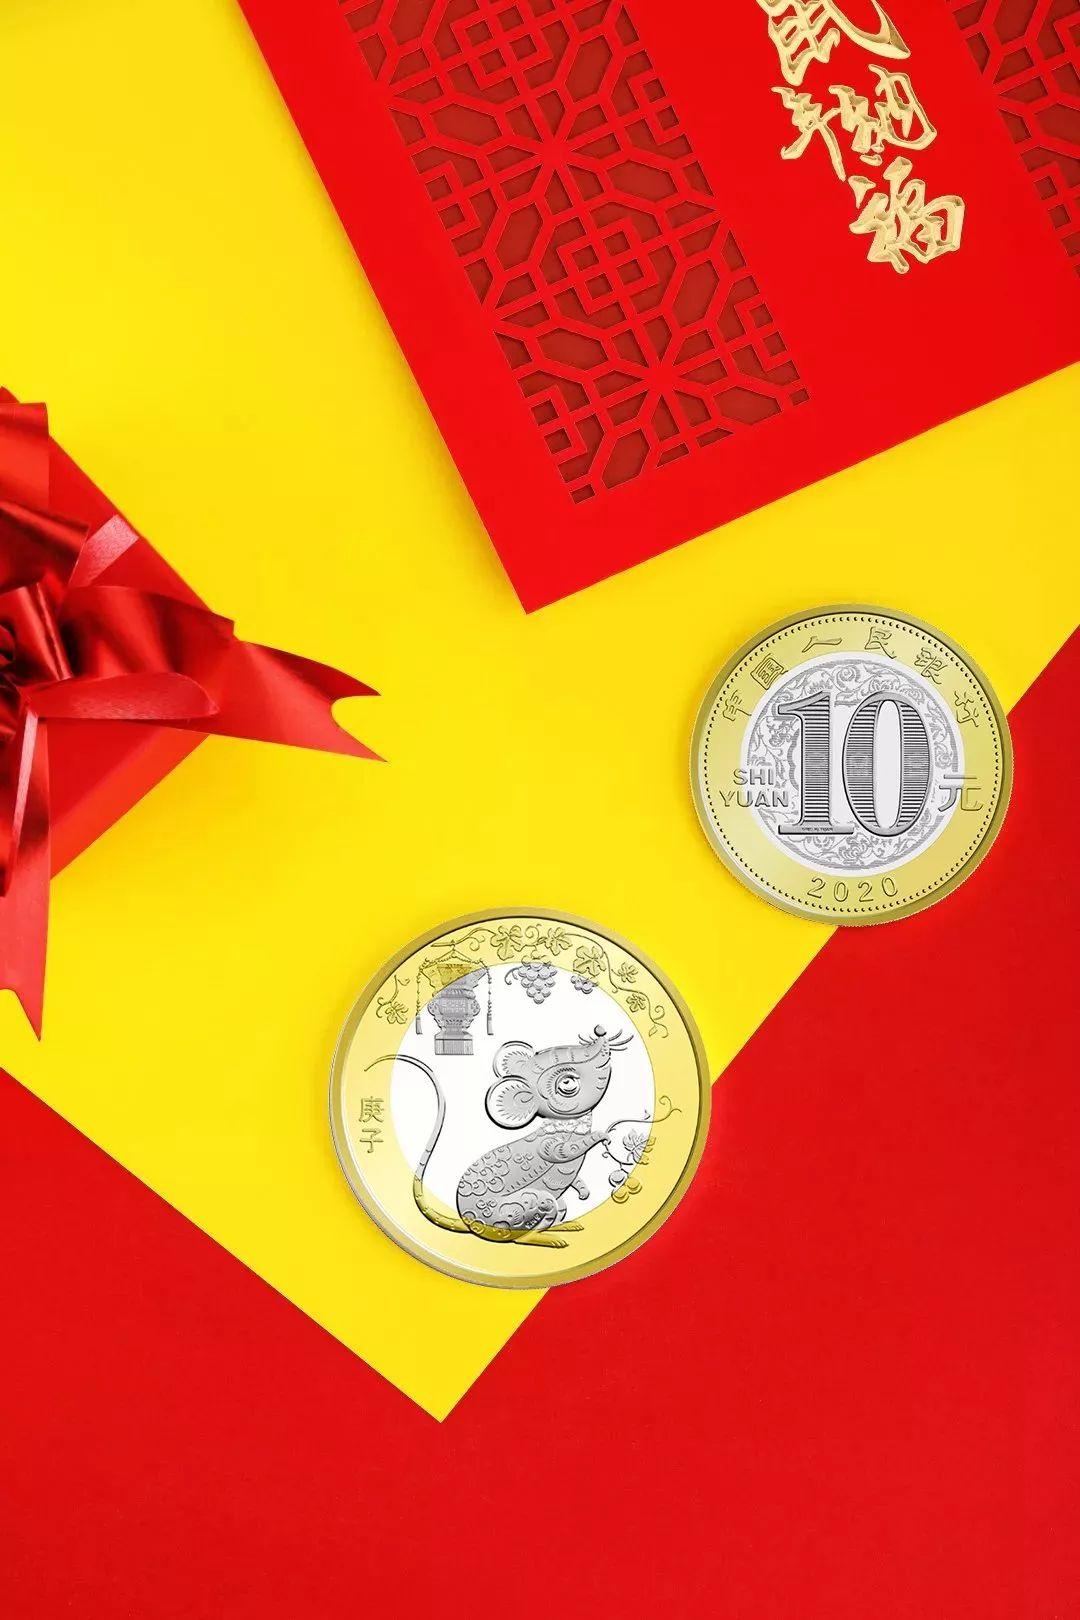 @东莞人 鼠年纪念币2000枚,10元等值兑换快来抢!插图10